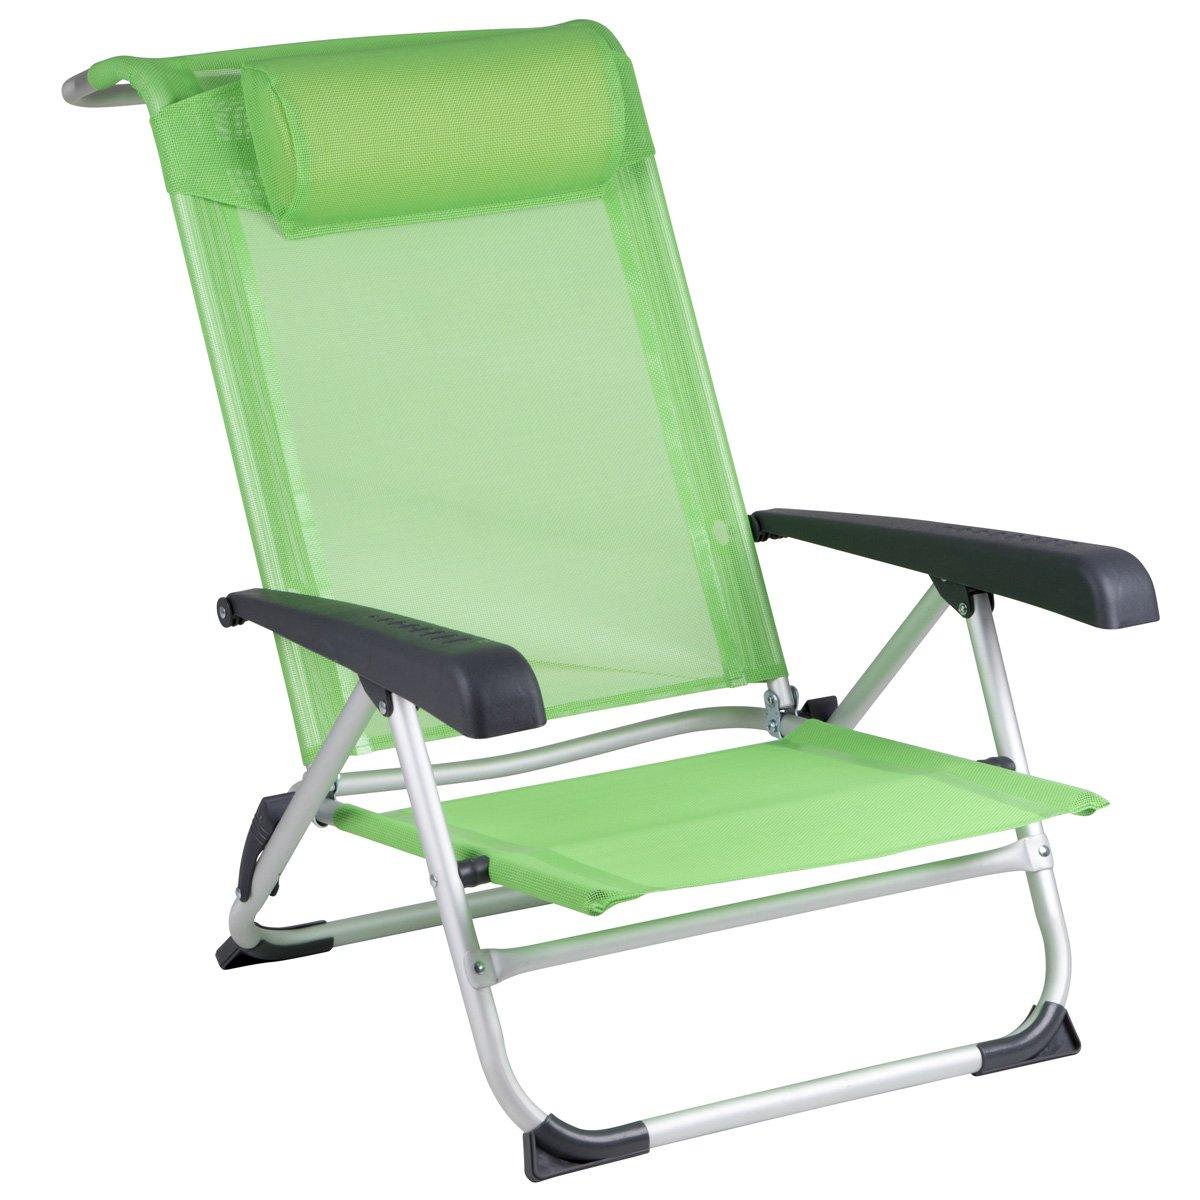 Strandstuhl platzsparend zusammenklappbar mit Kopfkissen in grün • Klappsessel Campingstuhl Klappstuhl Faltstuhl Angelstuhl Stuhl Sitz